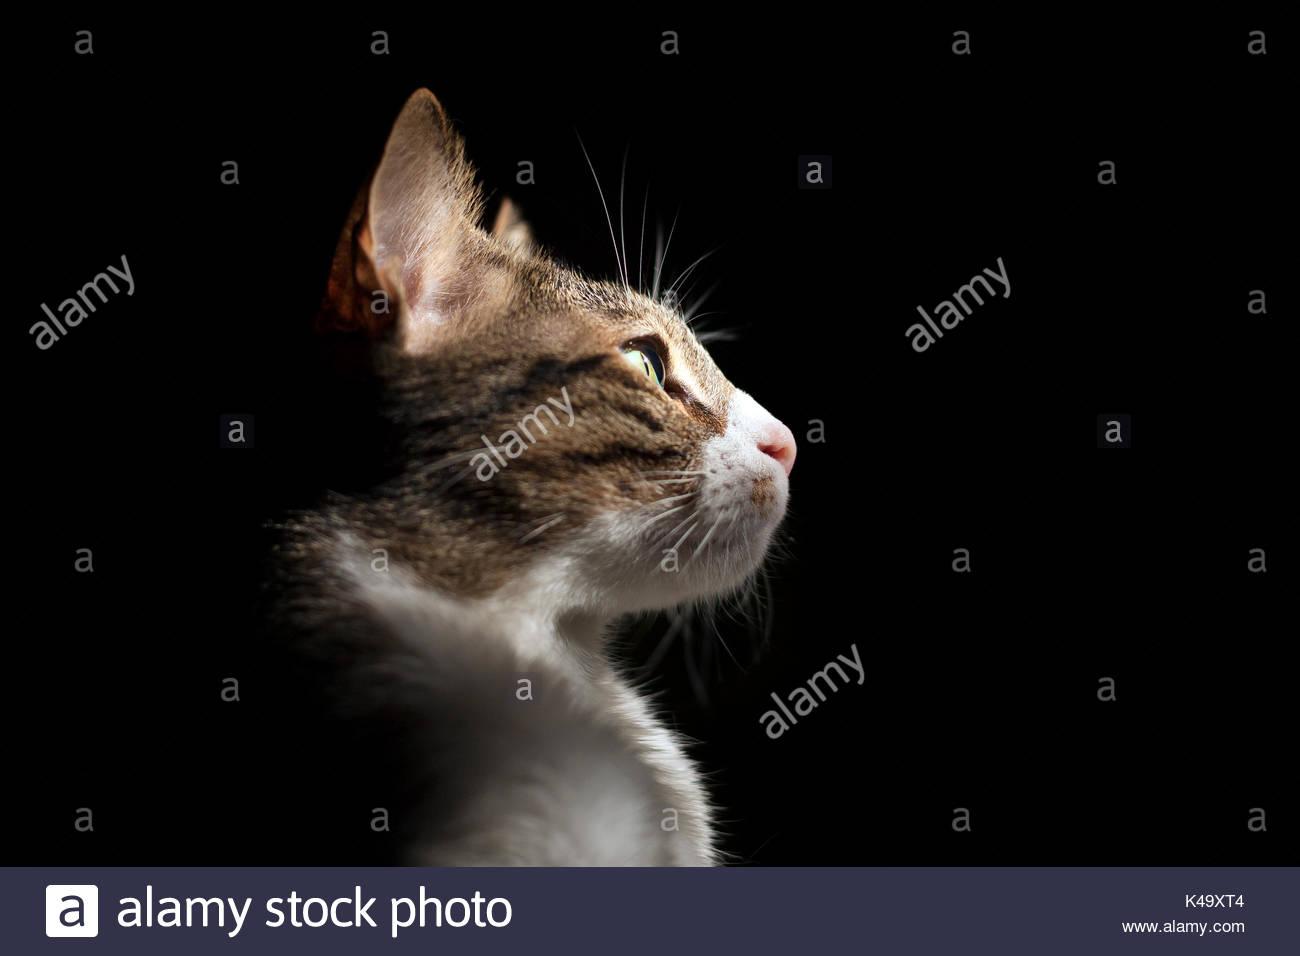 Profil Portrait einer Katze auf schwarzem Hintergrund Stockbild